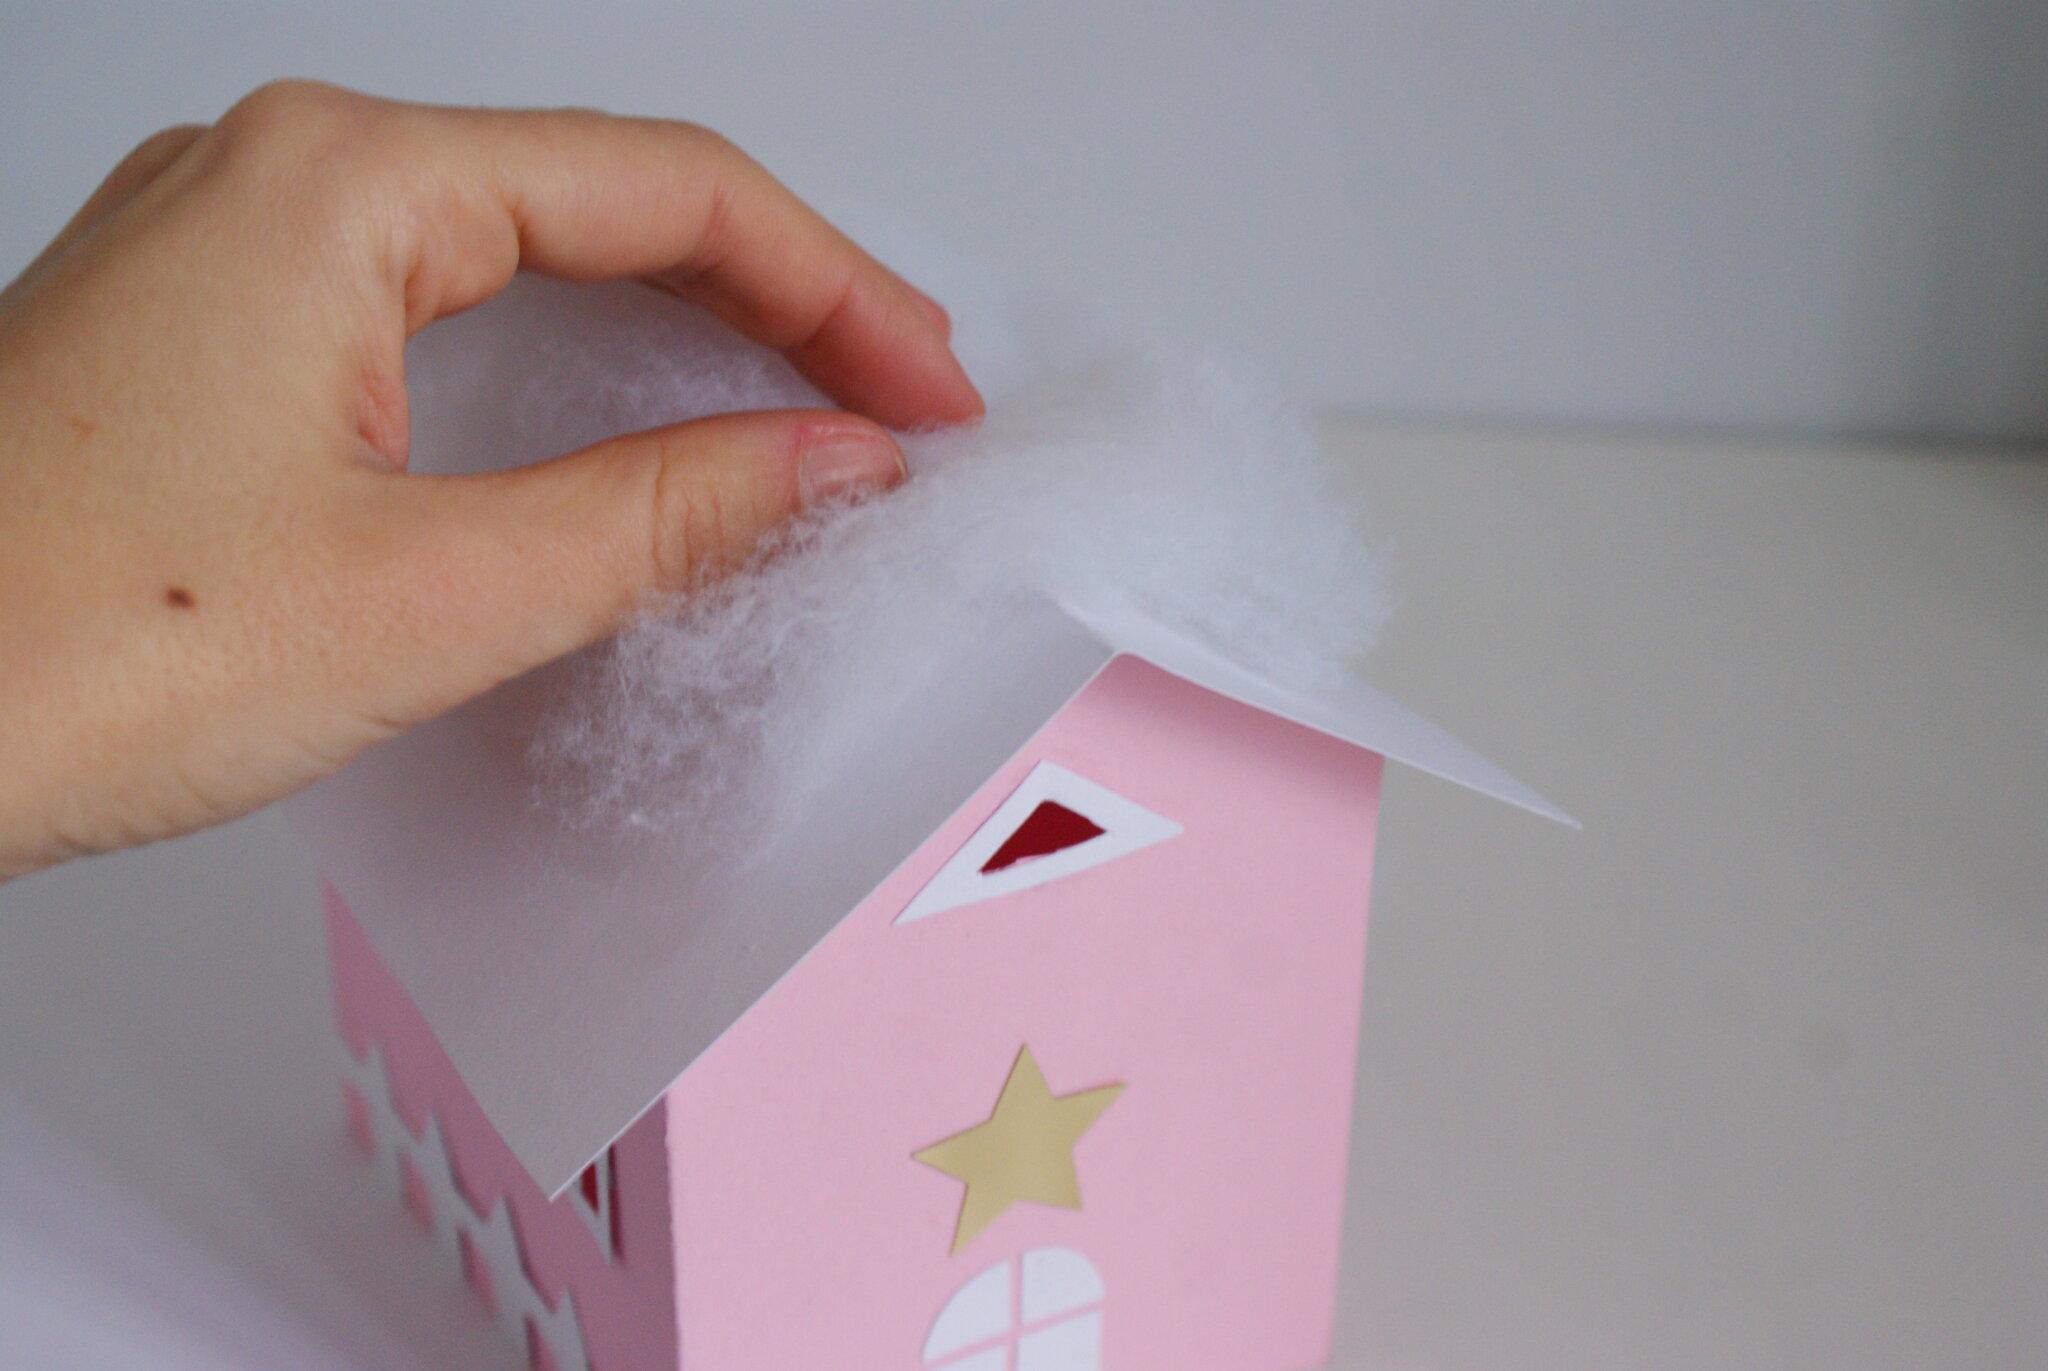 casetta carta natale natalizia decorazione tutorial facile diy mano fai da te